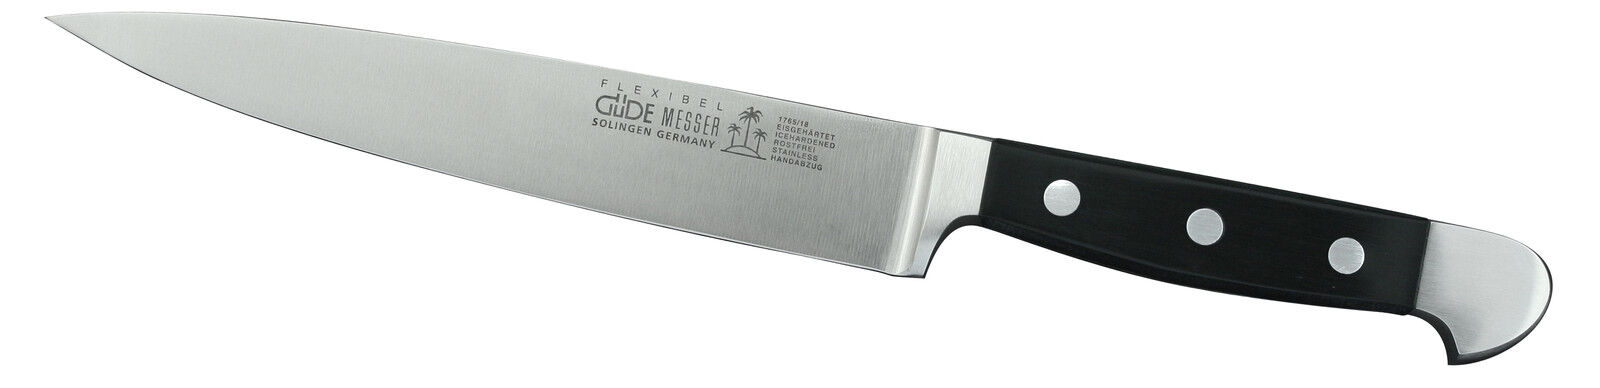 Güde Alpha Filetiermesser Filiermesser flexibel 1765 18 18 18 53407a